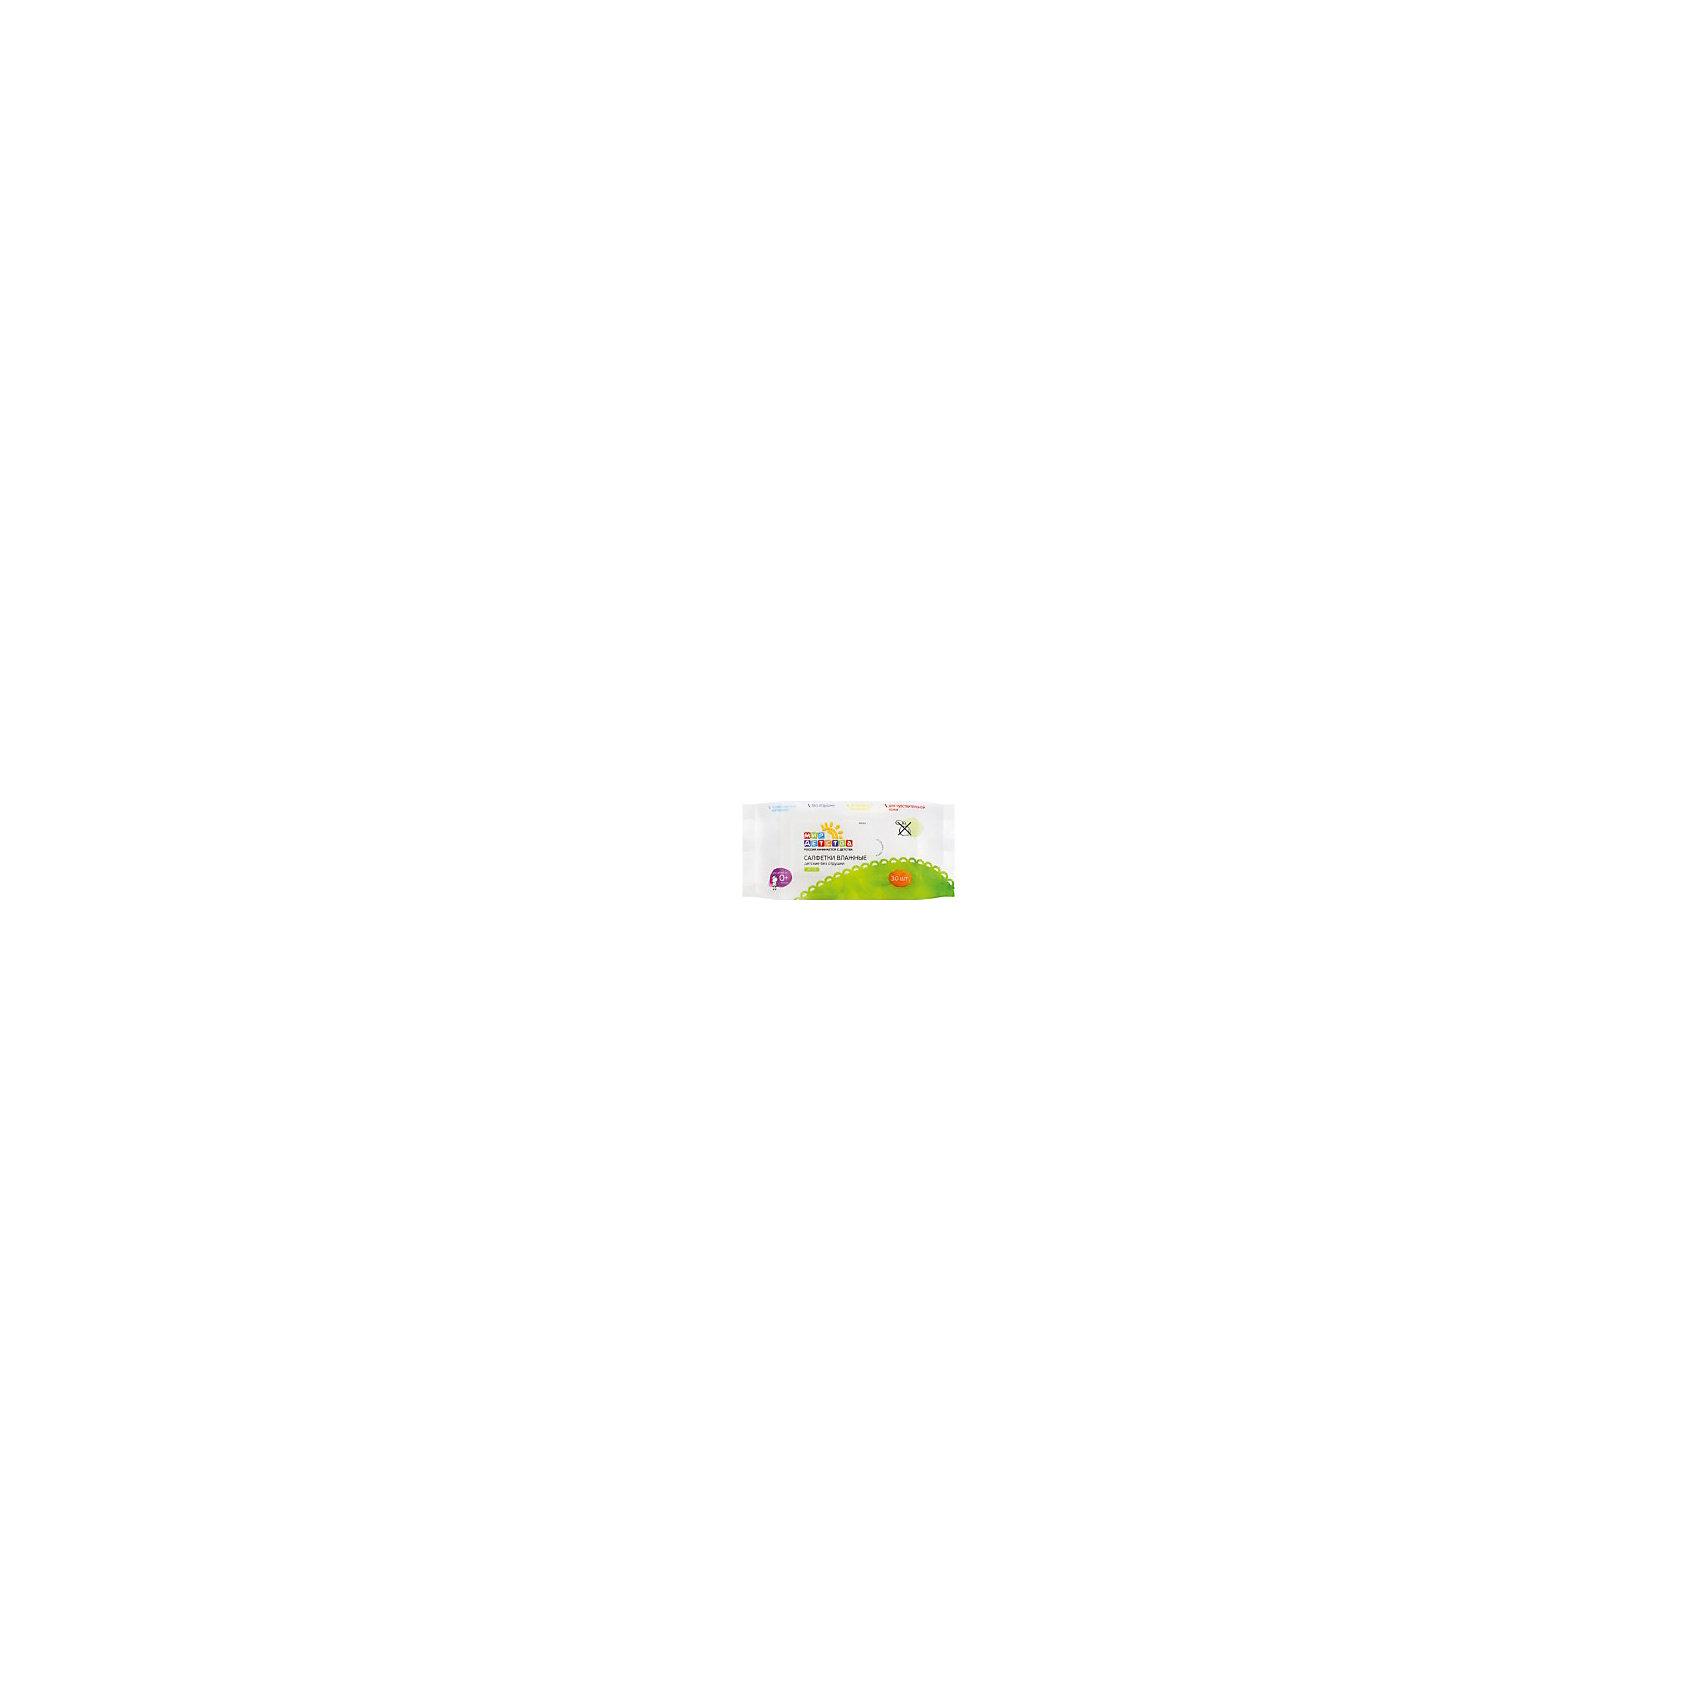 Салфетки влажные детские без отдушки, 30 шт., Mir DetstvaСалфетки влажные детские без отдушки, 30 шт., Mir Detstva – предназначены для бережного ухода за кожей малыша с самого рождения.<br>Влажные детские салфетки без отдушки от торговой марки Mir Detstva (Мир Детства) деликатно и эффективно увлажняют, очищают кожу малыша, могут использоваться с первых дней жизни. Изготовлены из нового особо мягкого материала. Д-пантенол и витамин Е, входящие в состав пропитывающего лосьона, смягчают, успокаивают и увлажняют кожу, защищая ее от раздражения. Увлажняющий лосьон на 97 % состоит из специально подготовленной воды с приближенной физиологической величиной кислотности рН 5,5. Это способствует образованию защитной кислотной мантии и активизирует защитные функции кожи. Не содержат спирта, мыла, отдушек и красителей. Дополнительный пластиковый клапан предотвращает выветривание, помогая сохранить салфетки влажными на протяжении всего периода использования. Практичны и удобны в применении. Незаменимы в дороге и на прогулке.<br><br>Дополнительная информация:<br><br>- Количество: 30 шт.<br>- Активные компоненты: витамин Е, Д-пантенол<br>- рН 5,5<br><br>Салфетки влажные детские без отдушки, 30 шт., Mir Detstva можно купить в нашем интернет-магазине.<br><br>Ширина мм: 190<br>Глубина мм: 100<br>Высота мм: 40<br>Вес г: 173<br>Возраст от месяцев: 0<br>Возраст до месяцев: 36<br>Пол: Унисекс<br>Возраст: Детский<br>SKU: 4830263